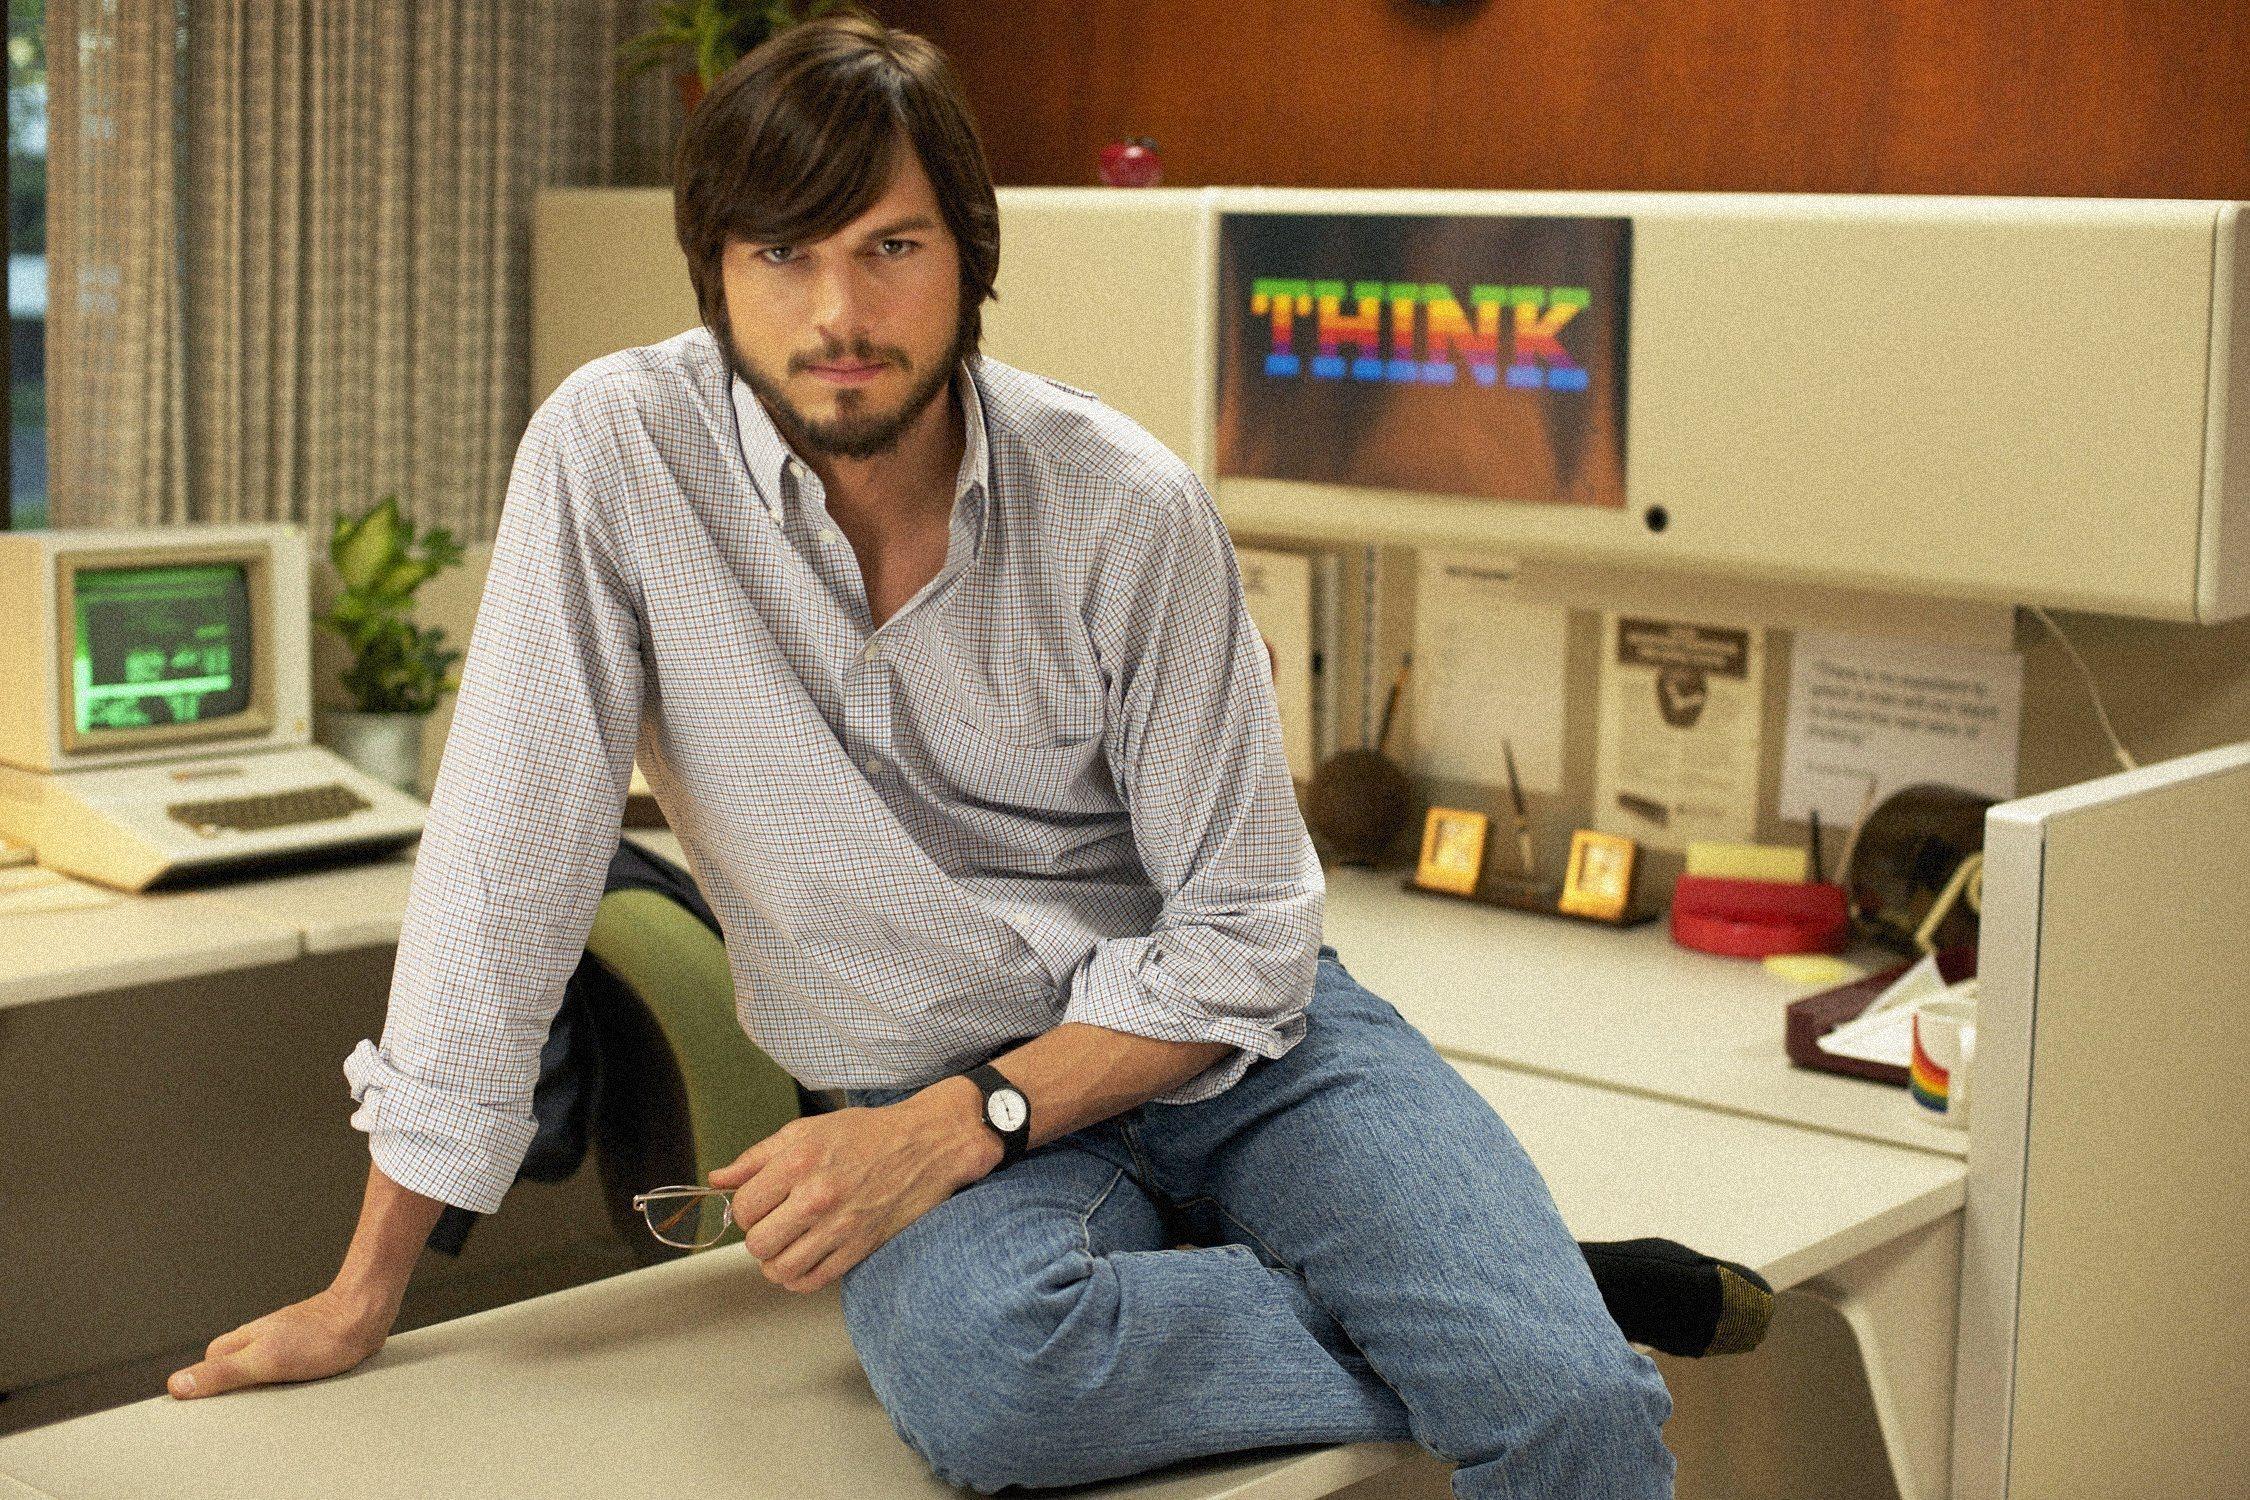 Ashton Kutcher dressed as Steve Jobs sitting on a desk.